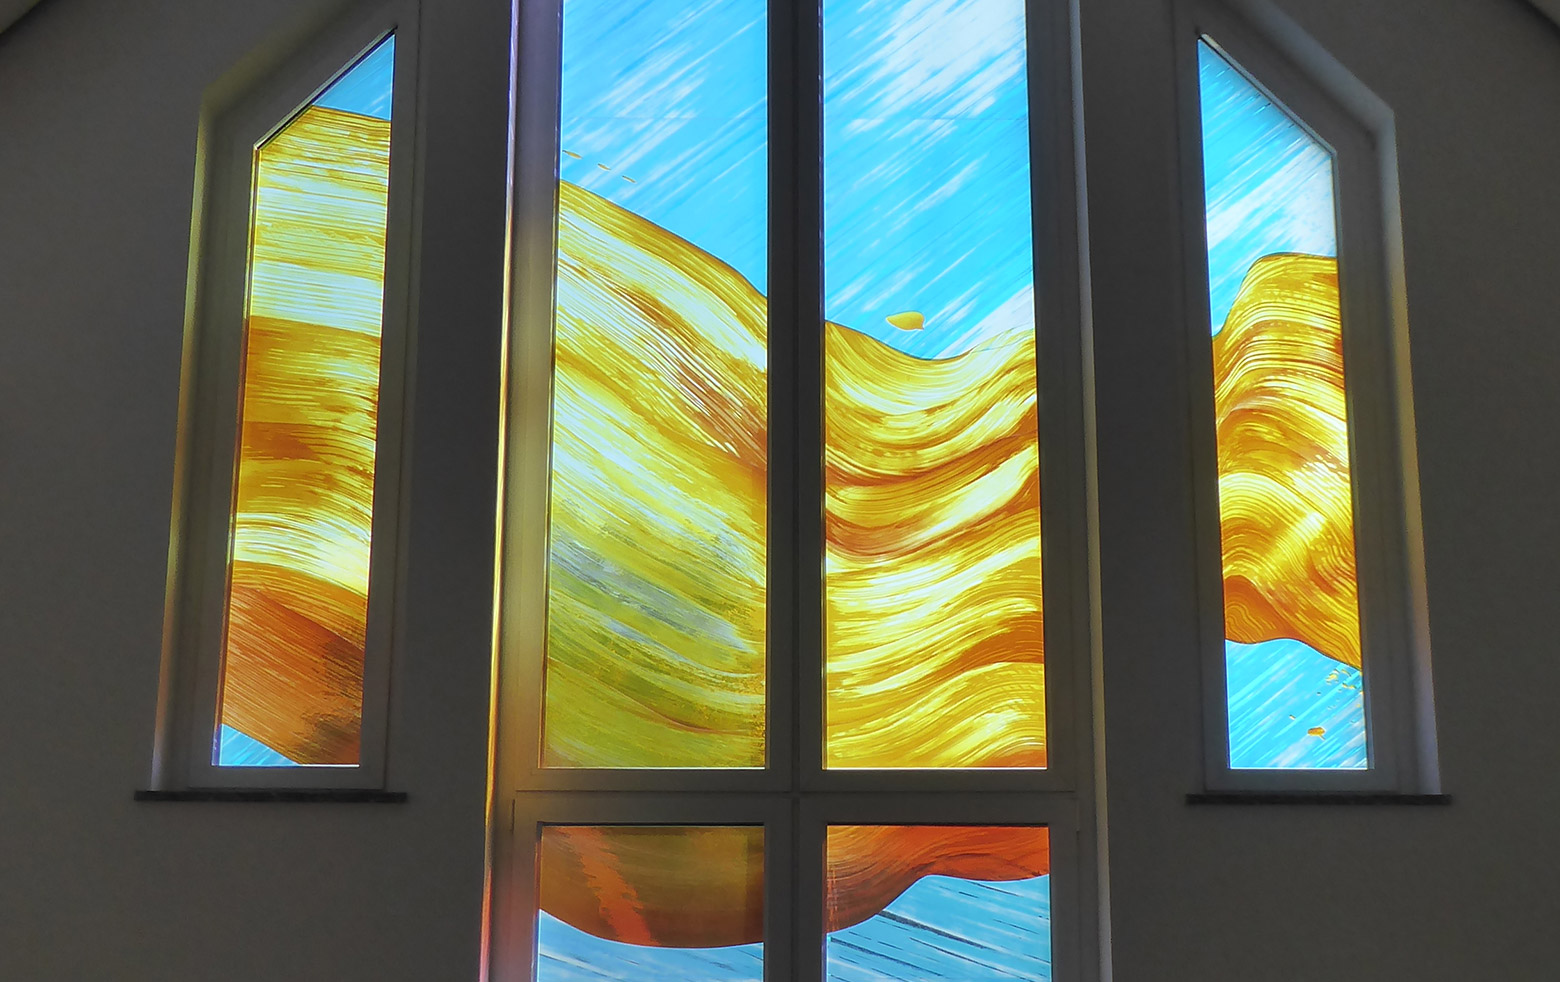 Glass art by Michèle Janata